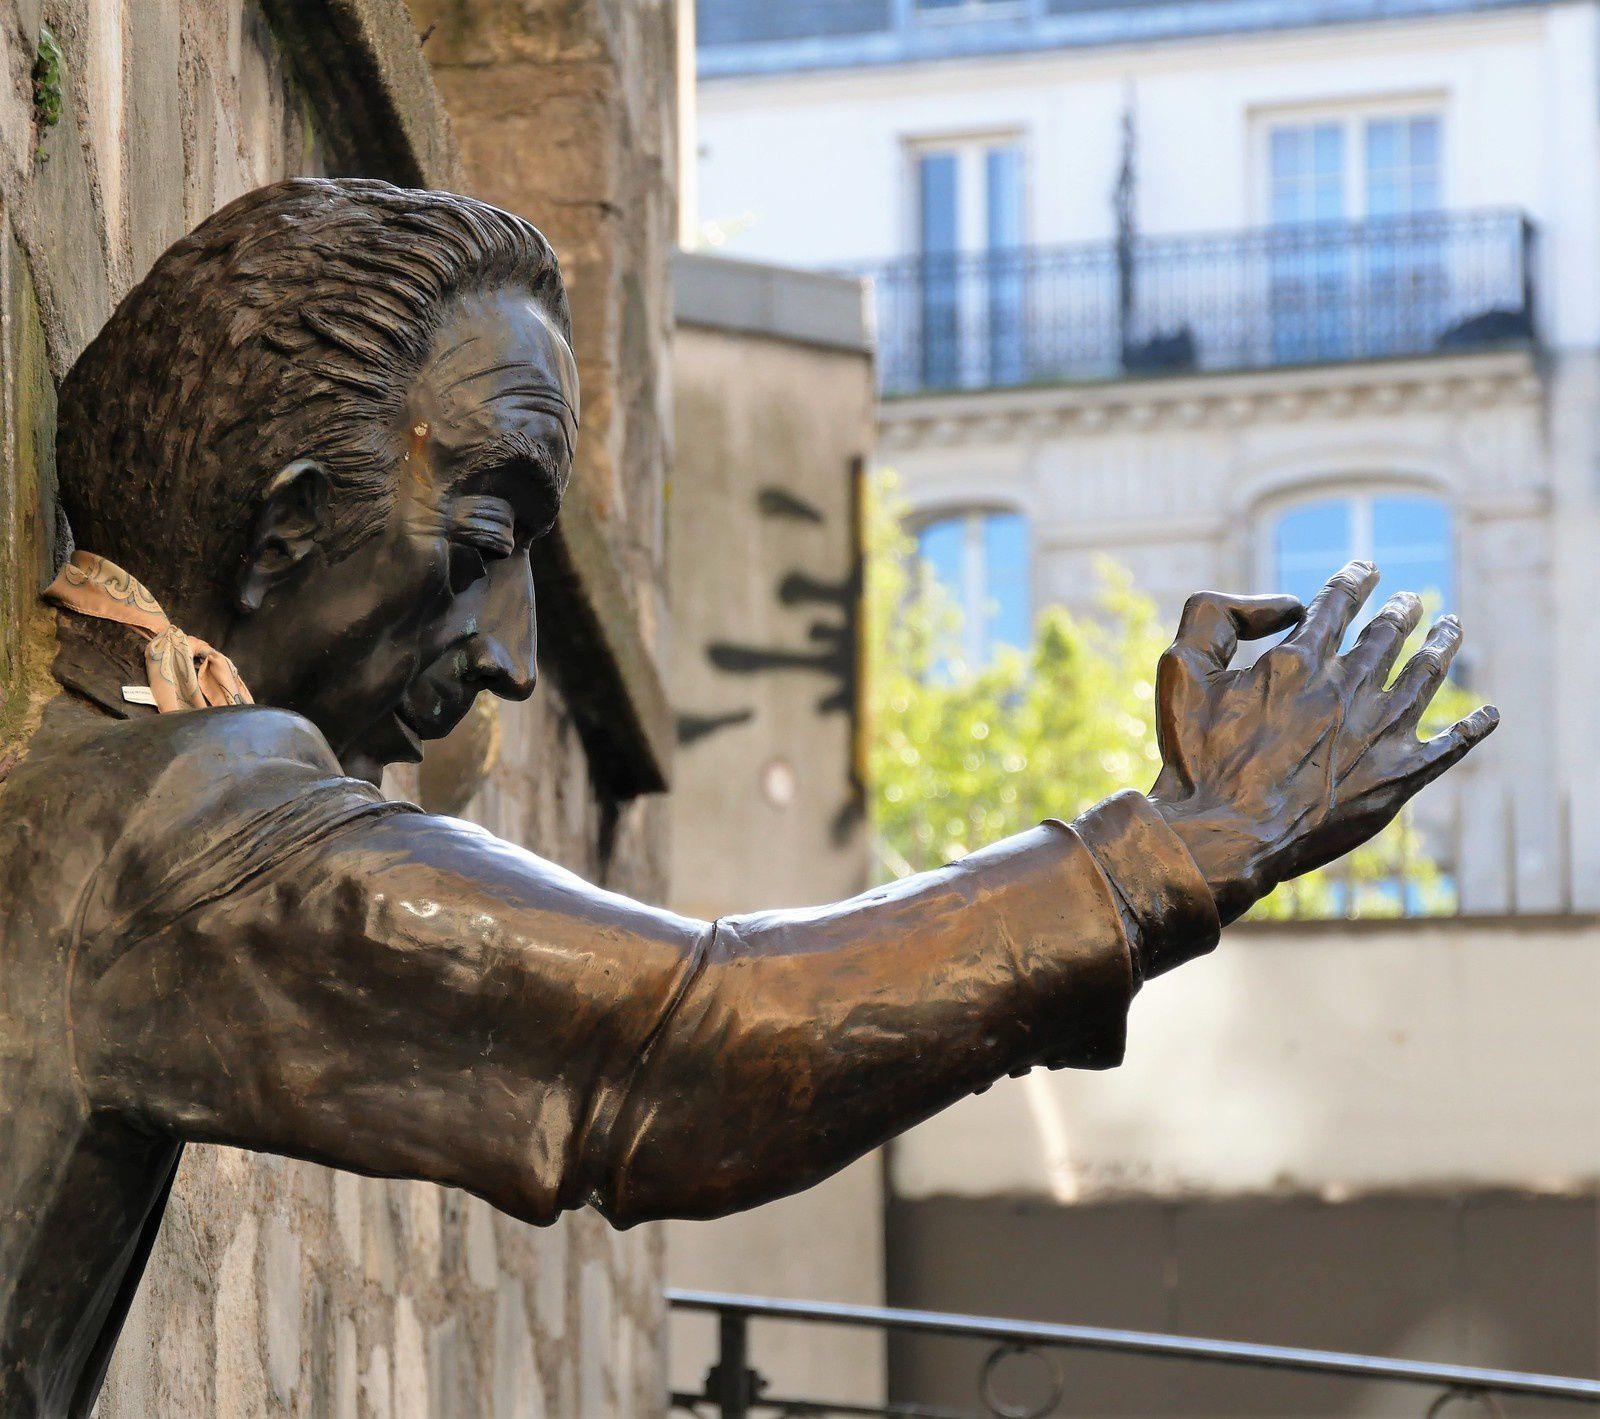 Montmartre. Visite idéale. Circuit de deux heures. Départ Métro Anvers, arrivée Place des Abbesses.